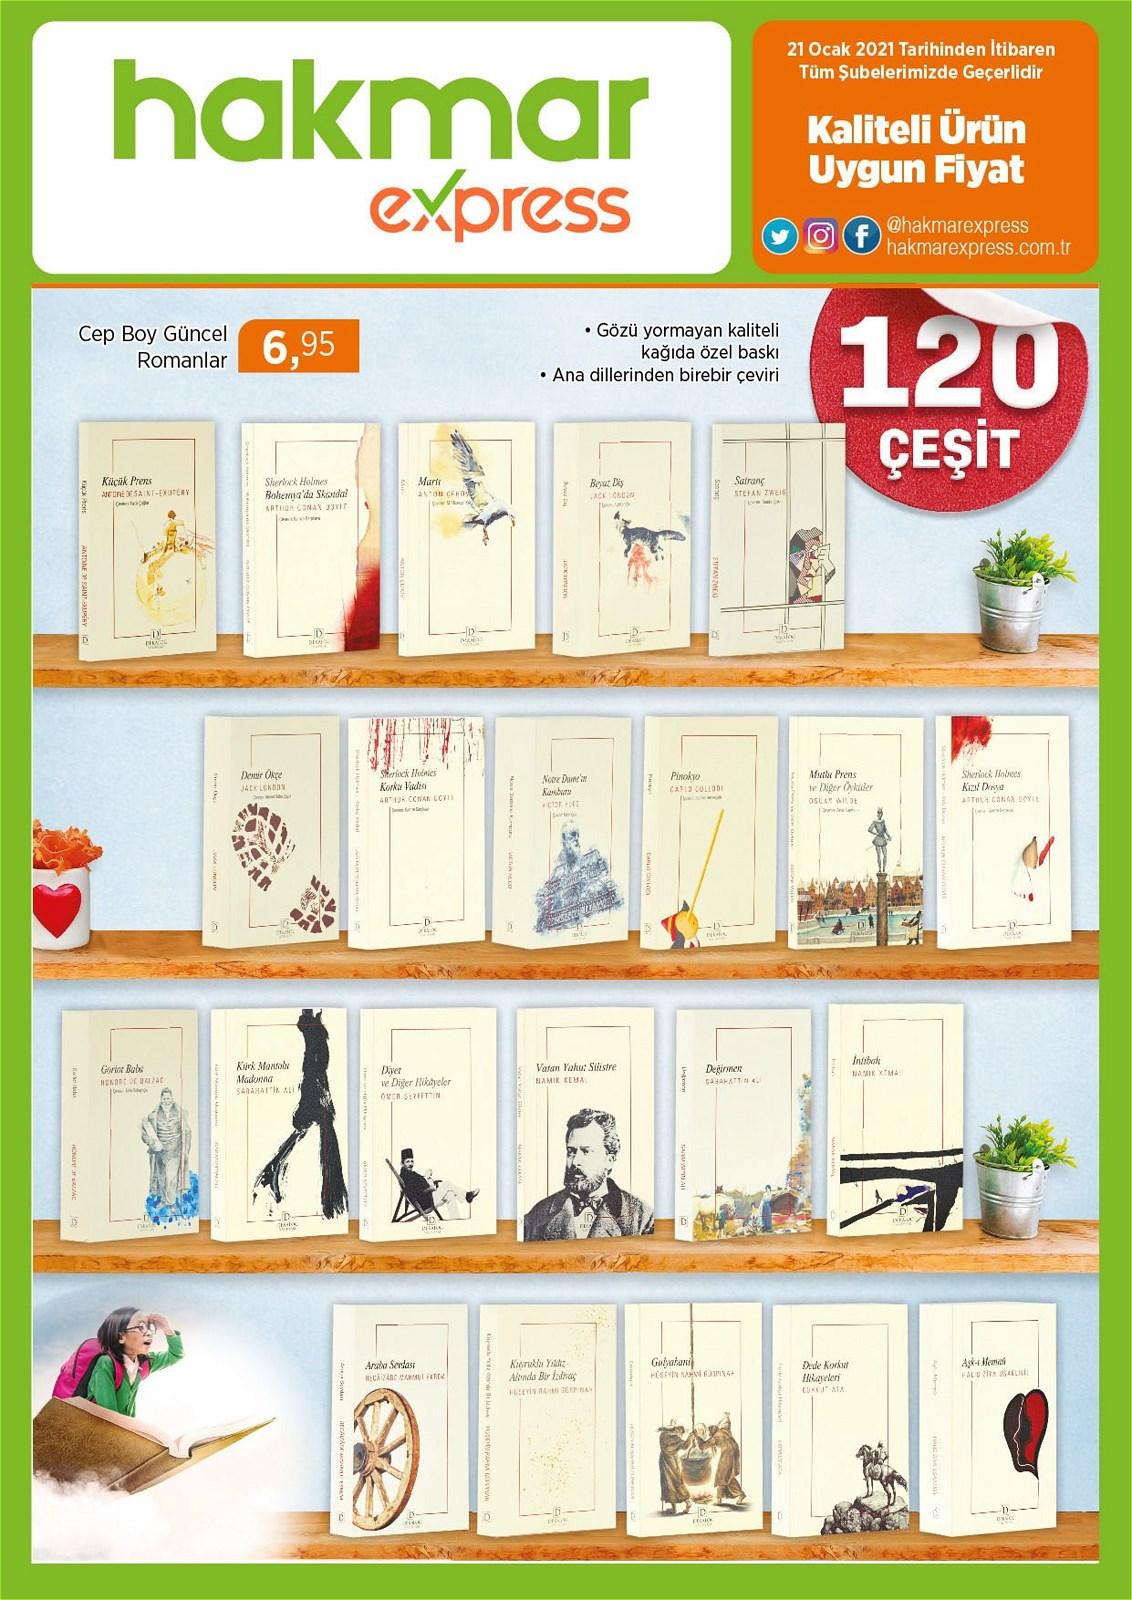 21.01.2021 Hakmar Express broşürü 4. sayfa